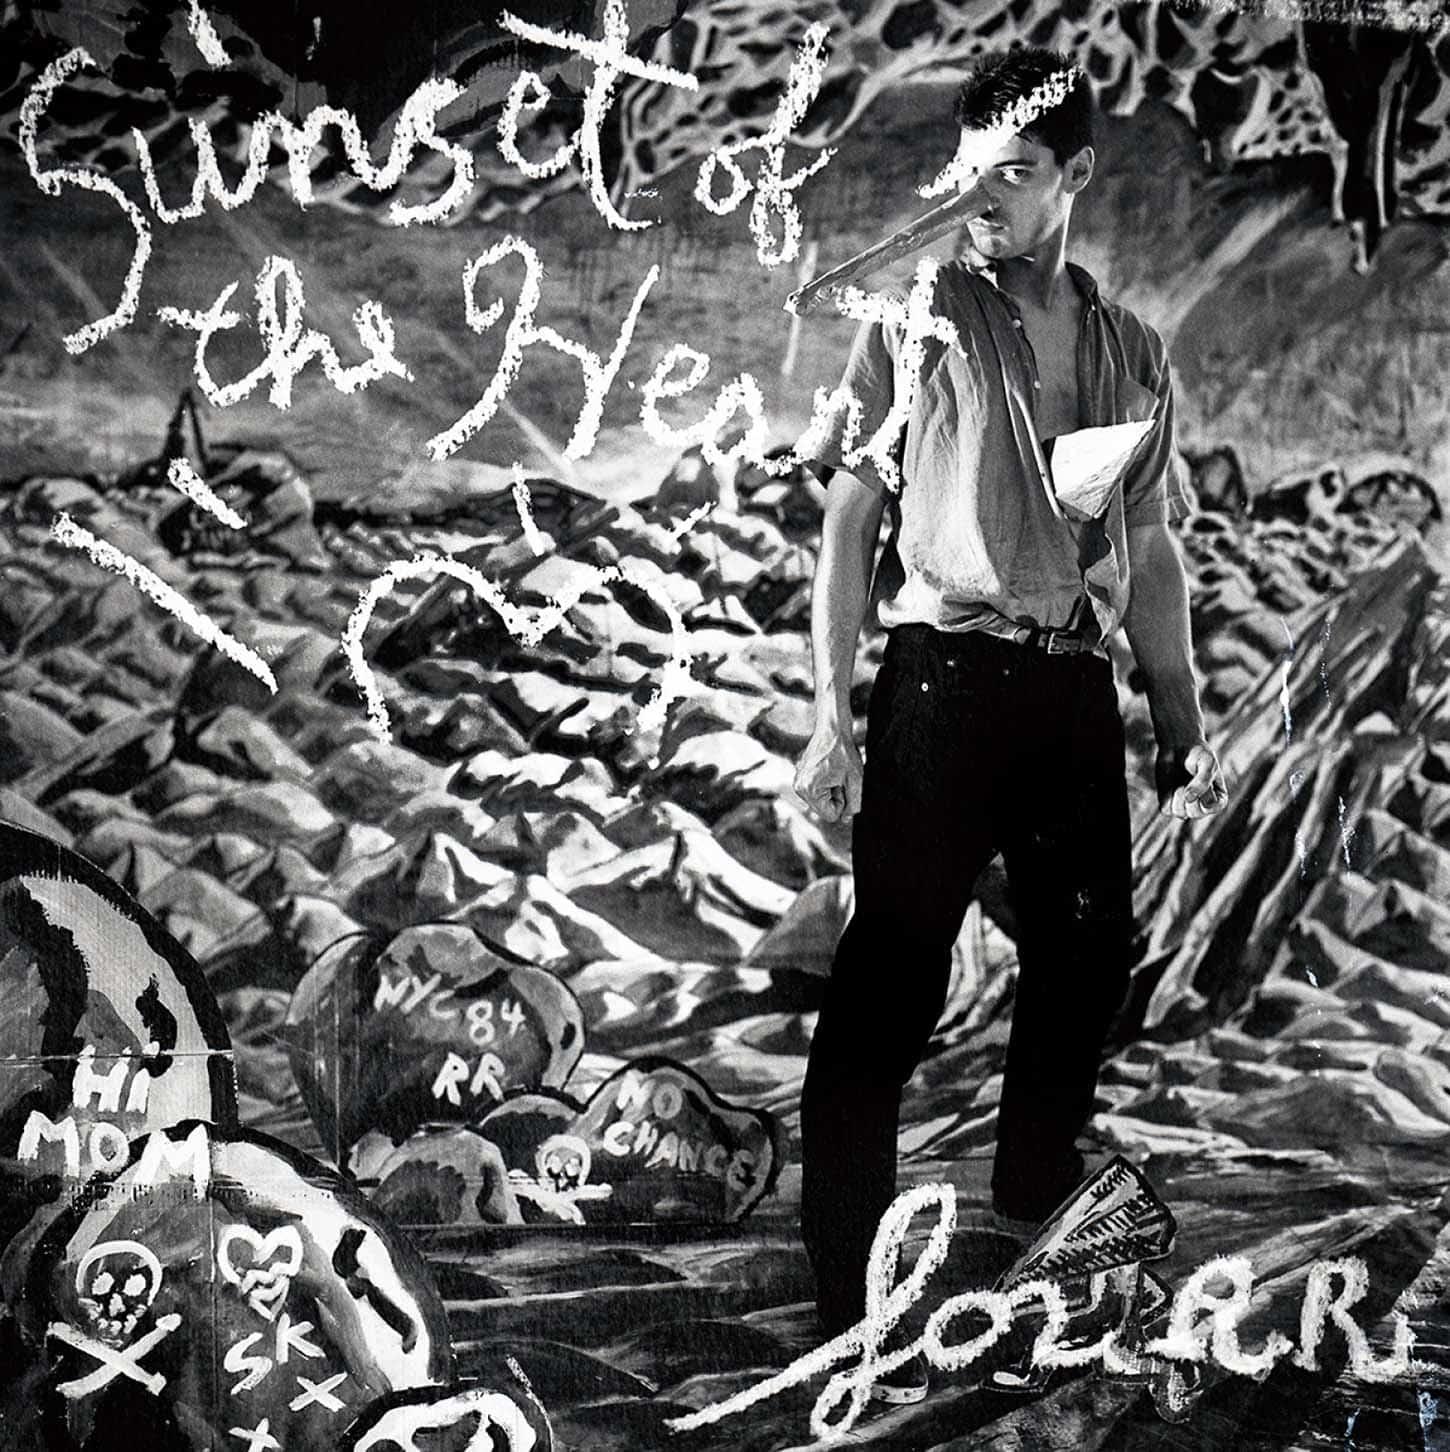 Louis Jammes,Sunset of the Heart. (autoportrait) New York, USA, 1984.© Louis JammesJet d'encre sur papier affiche, 120 x 120 cm.25 exemplaires. Signées et numérotées par l'artiste.